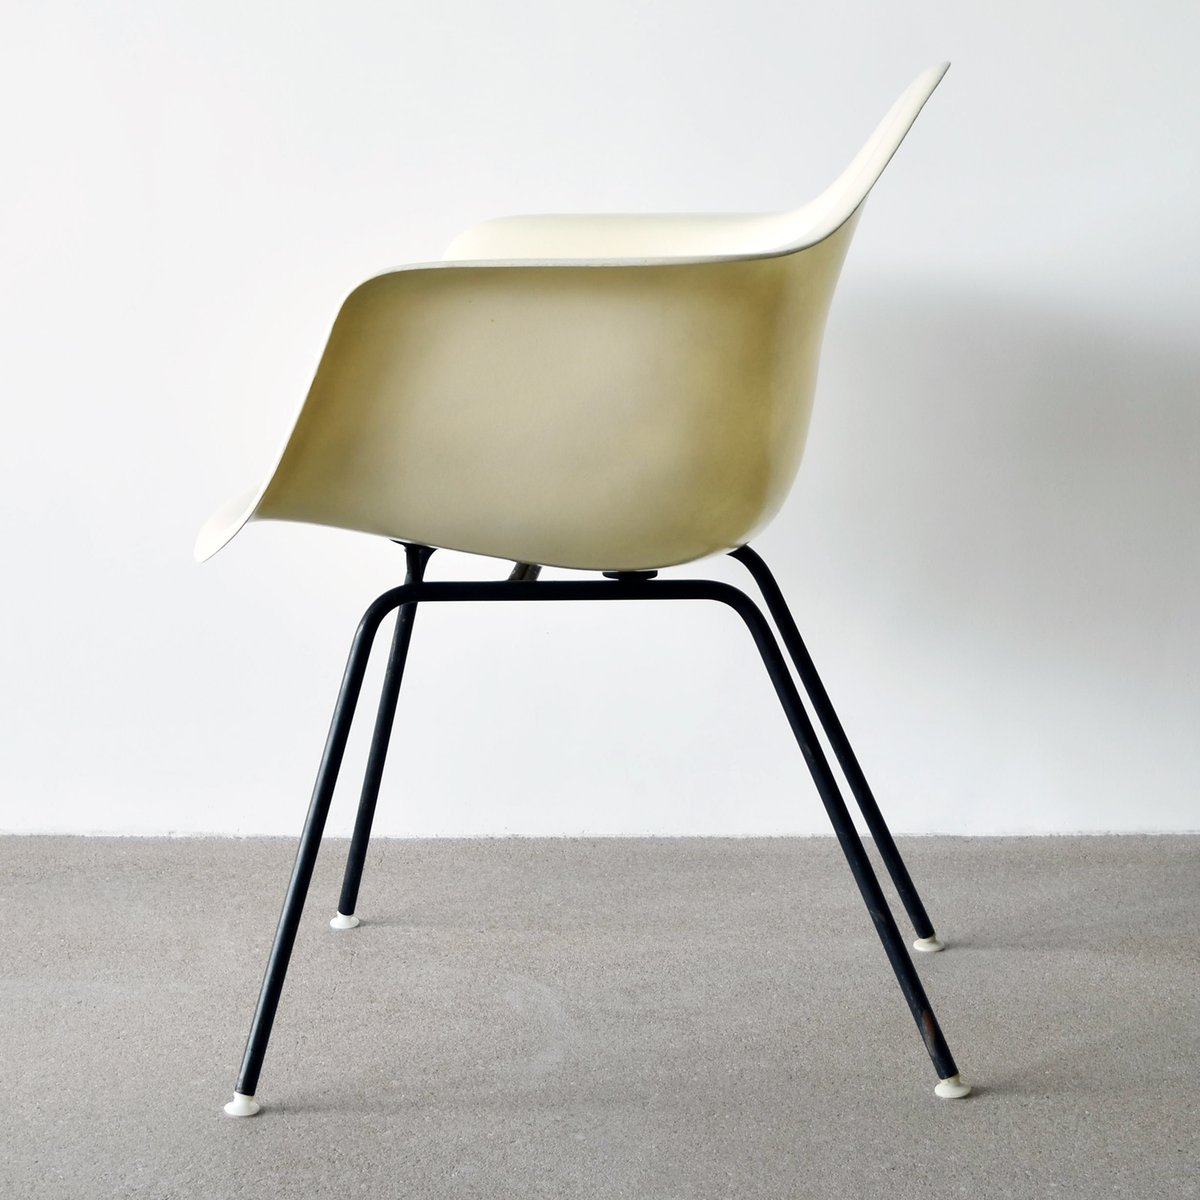 chaise dax par charles et ray eames pour herman miller 1962 en vente sur pamono. Black Bedroom Furniture Sets. Home Design Ideas